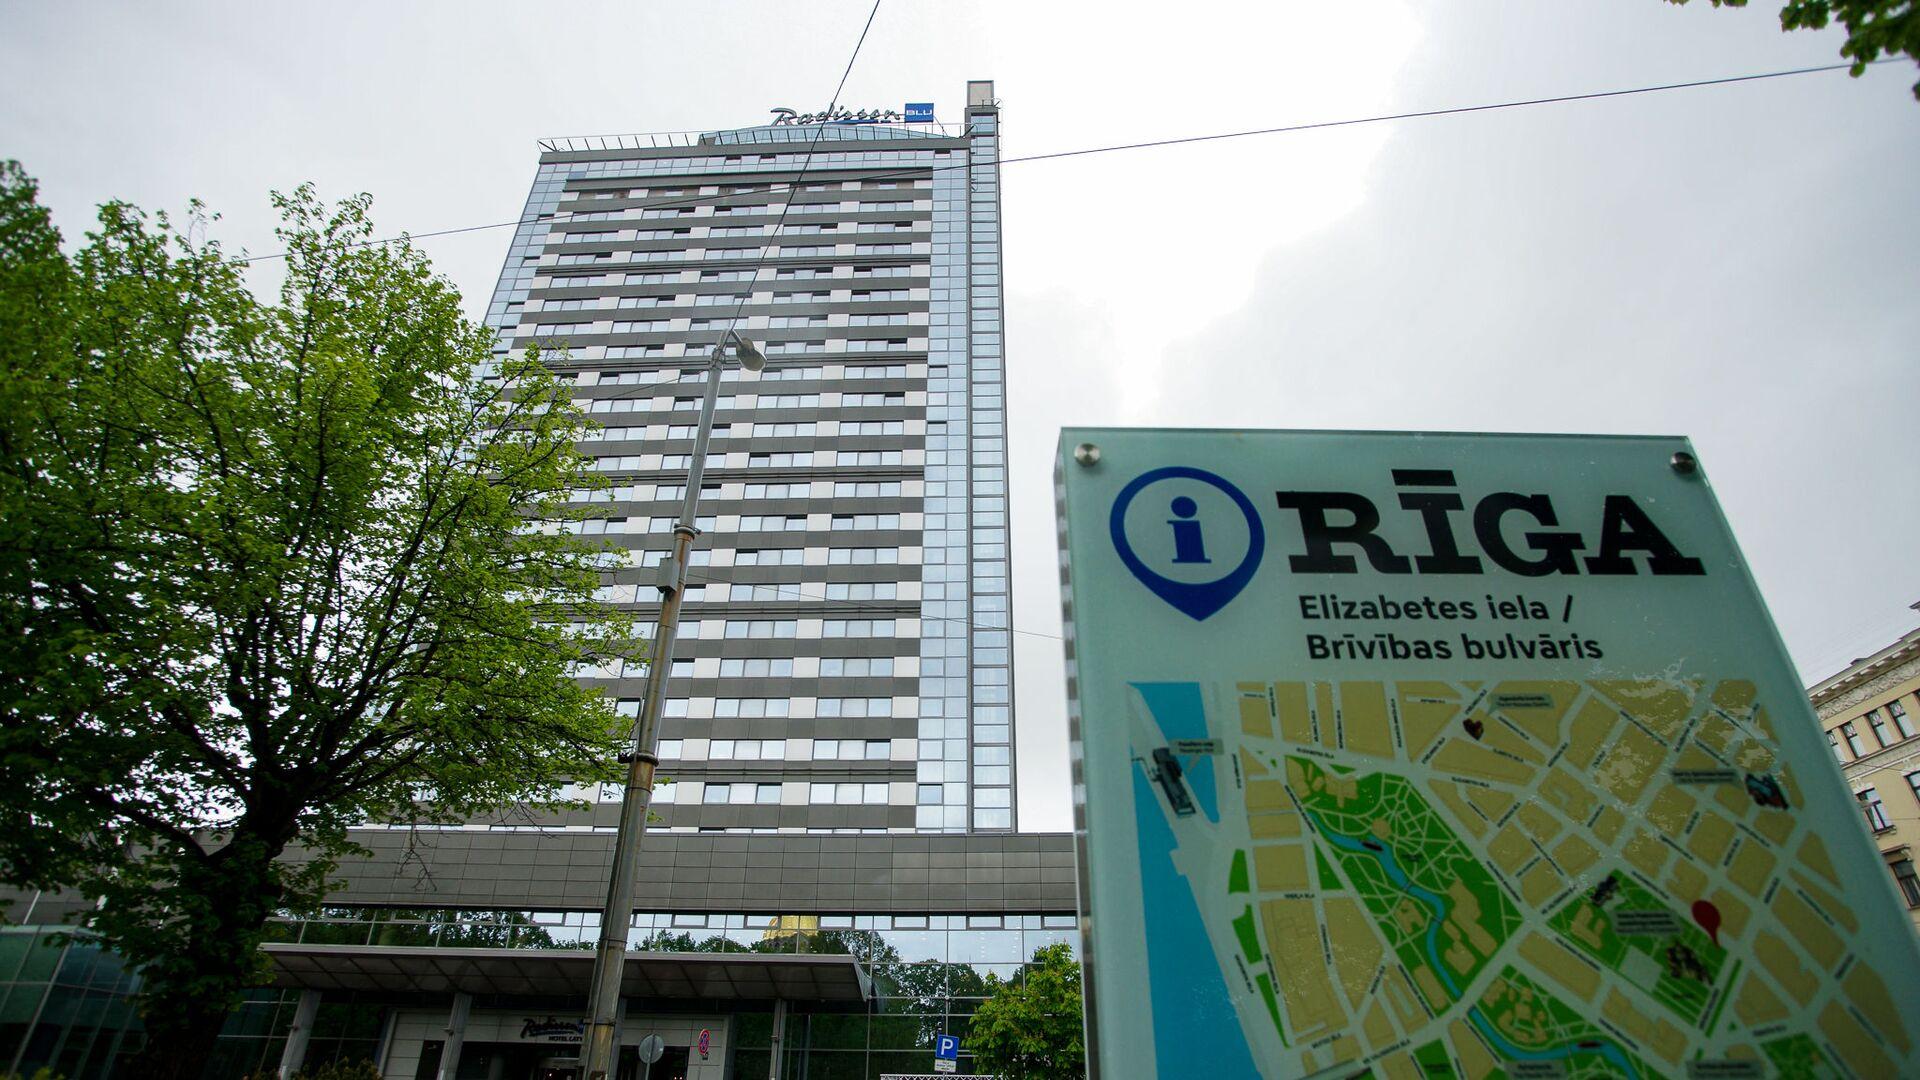 Гостиница Radisson Blu Hotel Latvija, где будут проживать участники Чемпионата мира - 2021 по хоккею в Риге - Sputnik Латвия, 1920, 23.09.2021